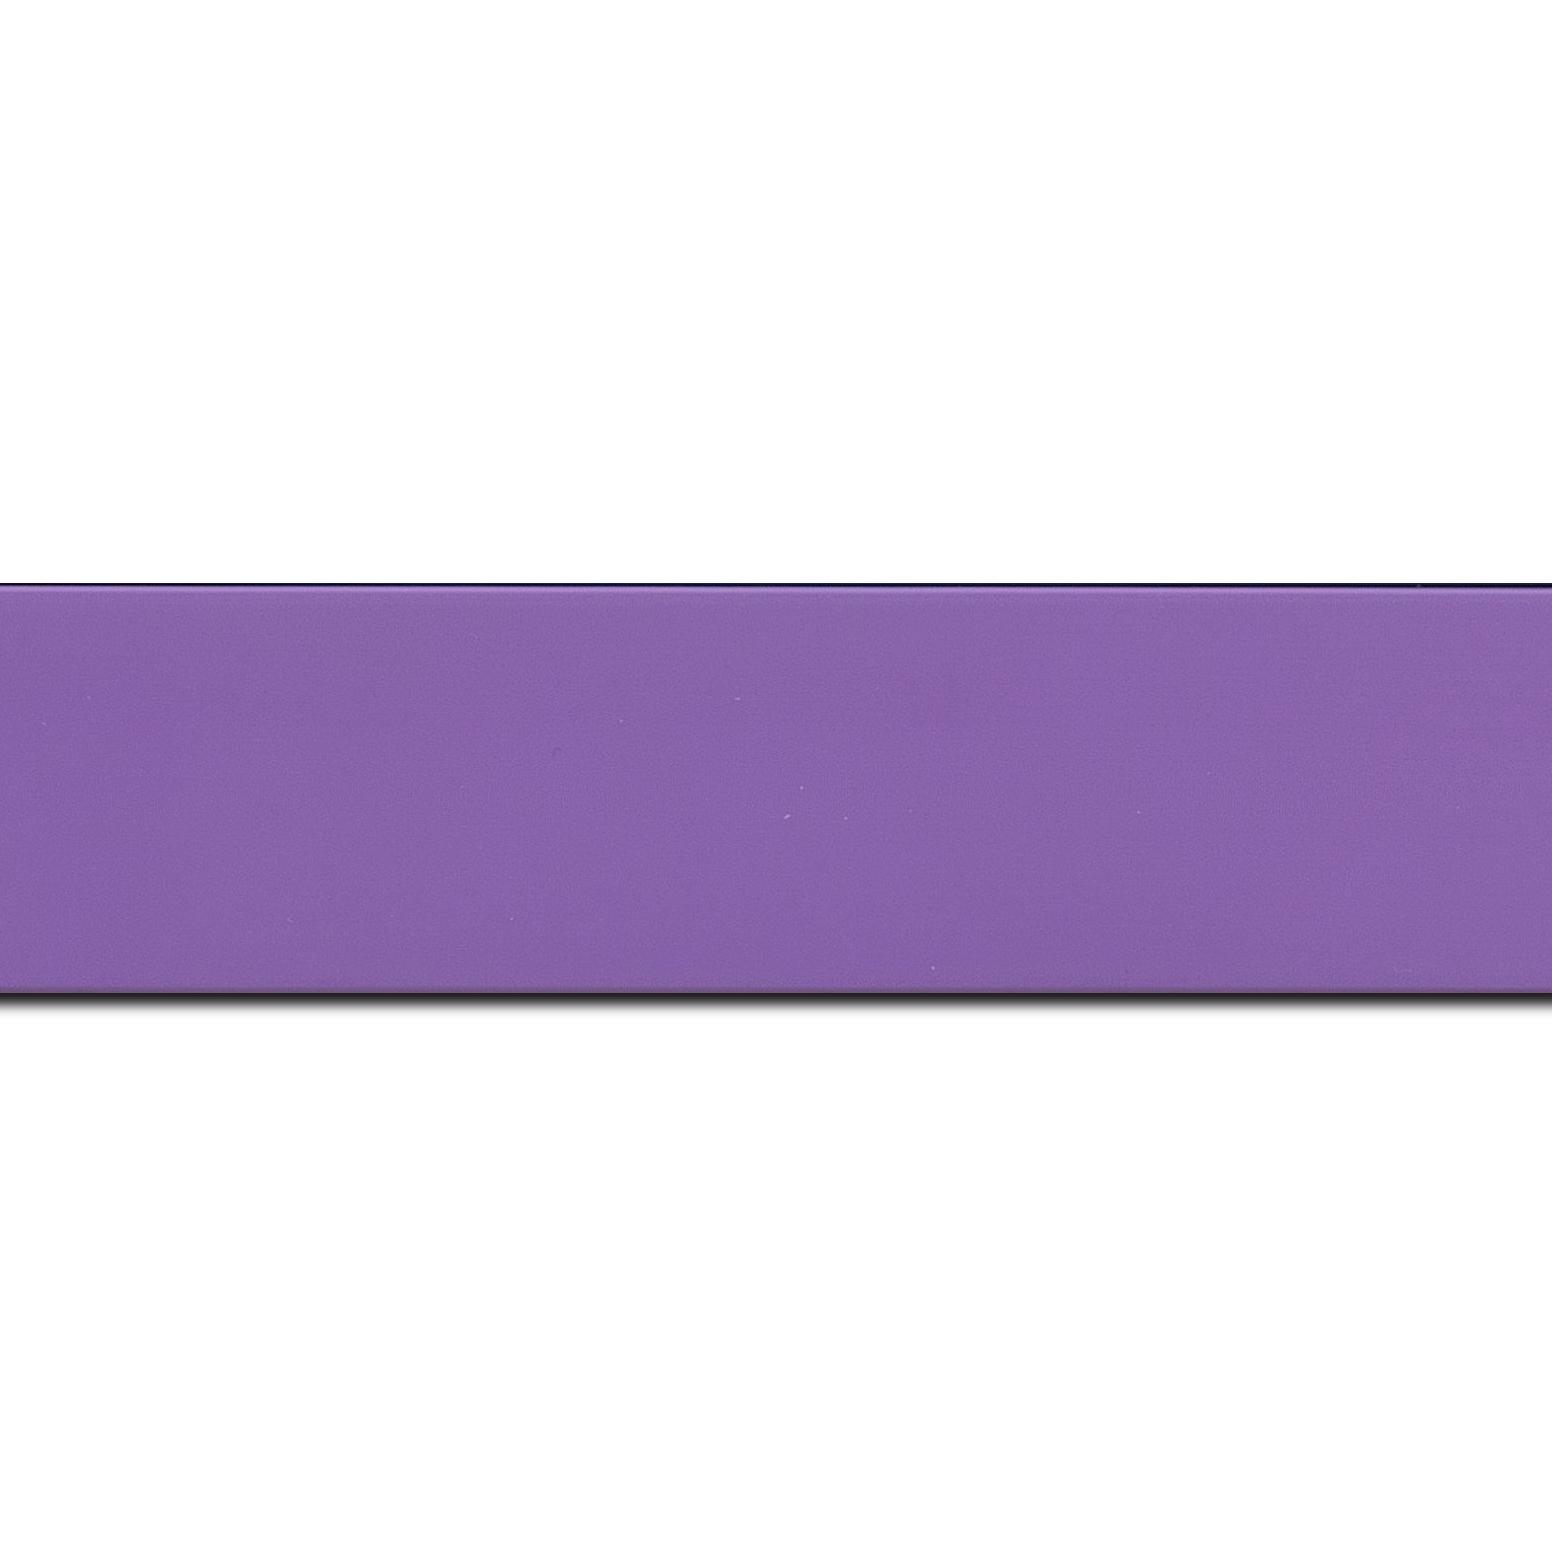 Baguette longueur 1.40m bois profil plat largeur 3.9cm couleur violet mat